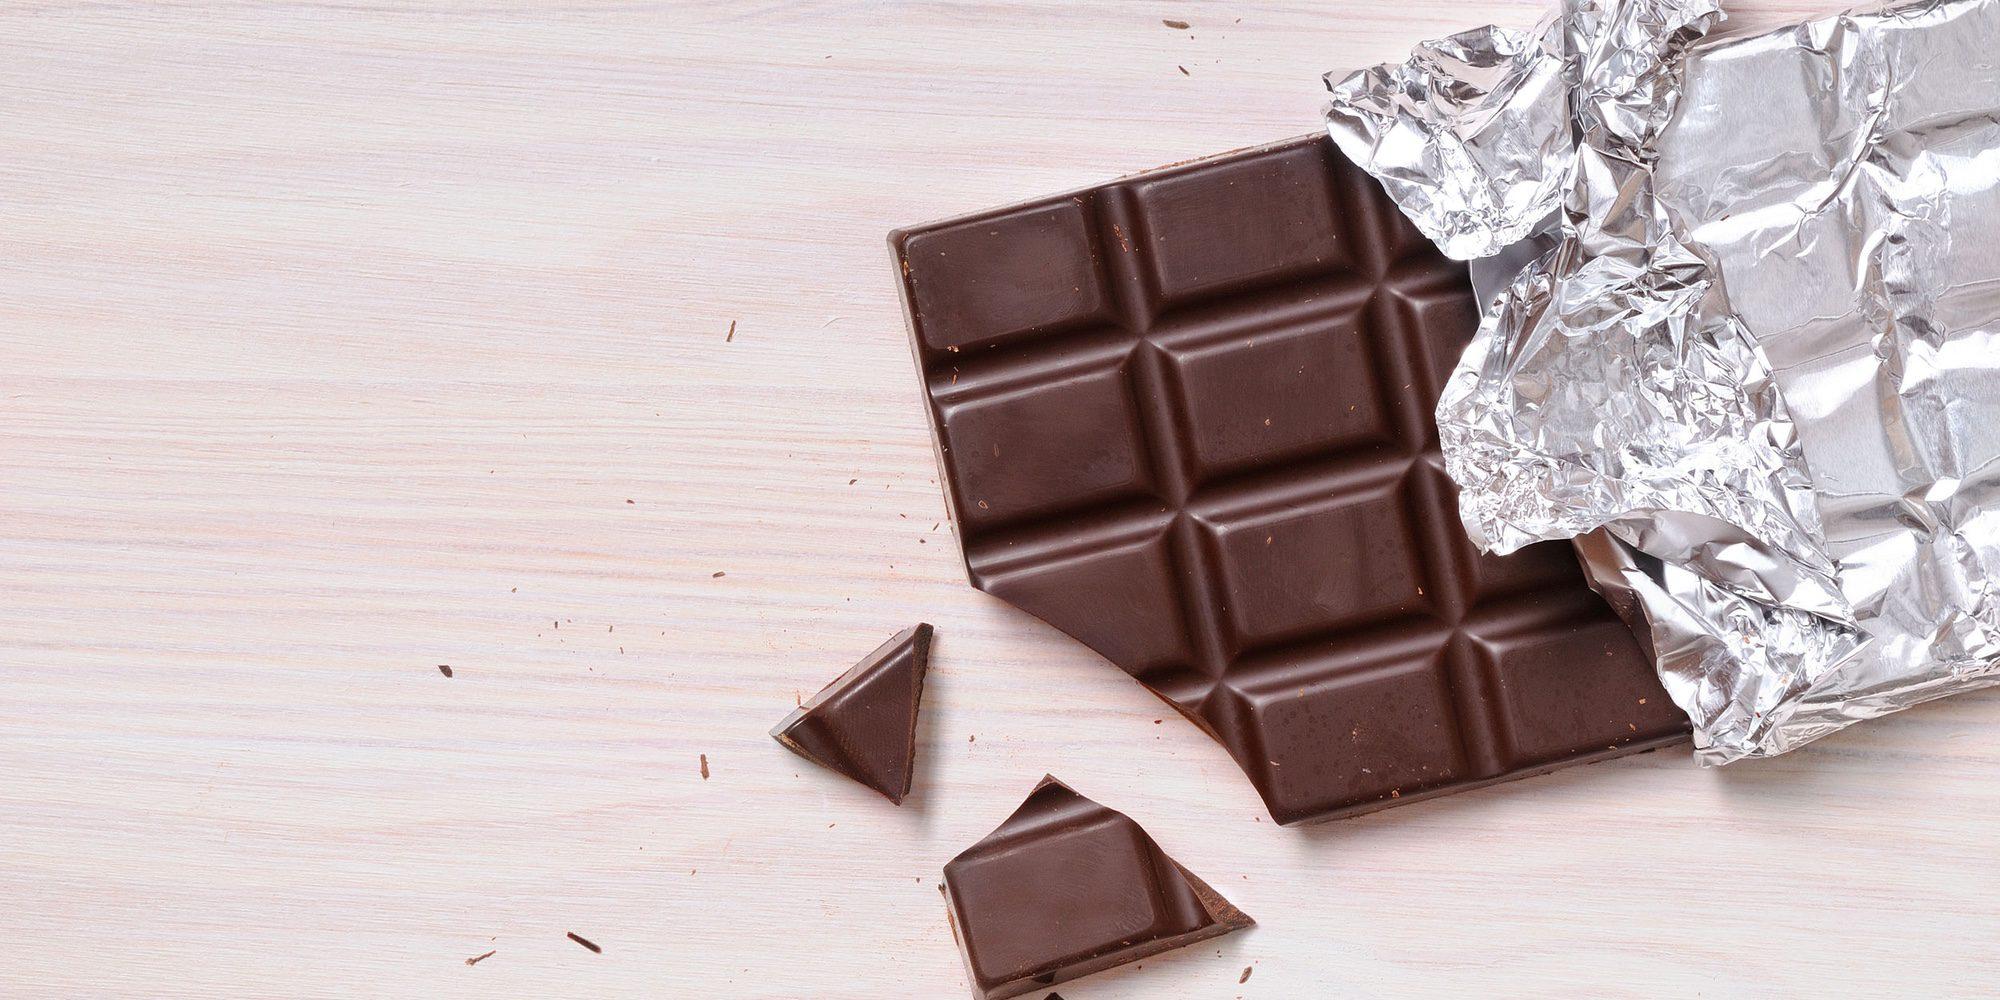 El chocolate tiene más azúcares añadidos que los refrescos